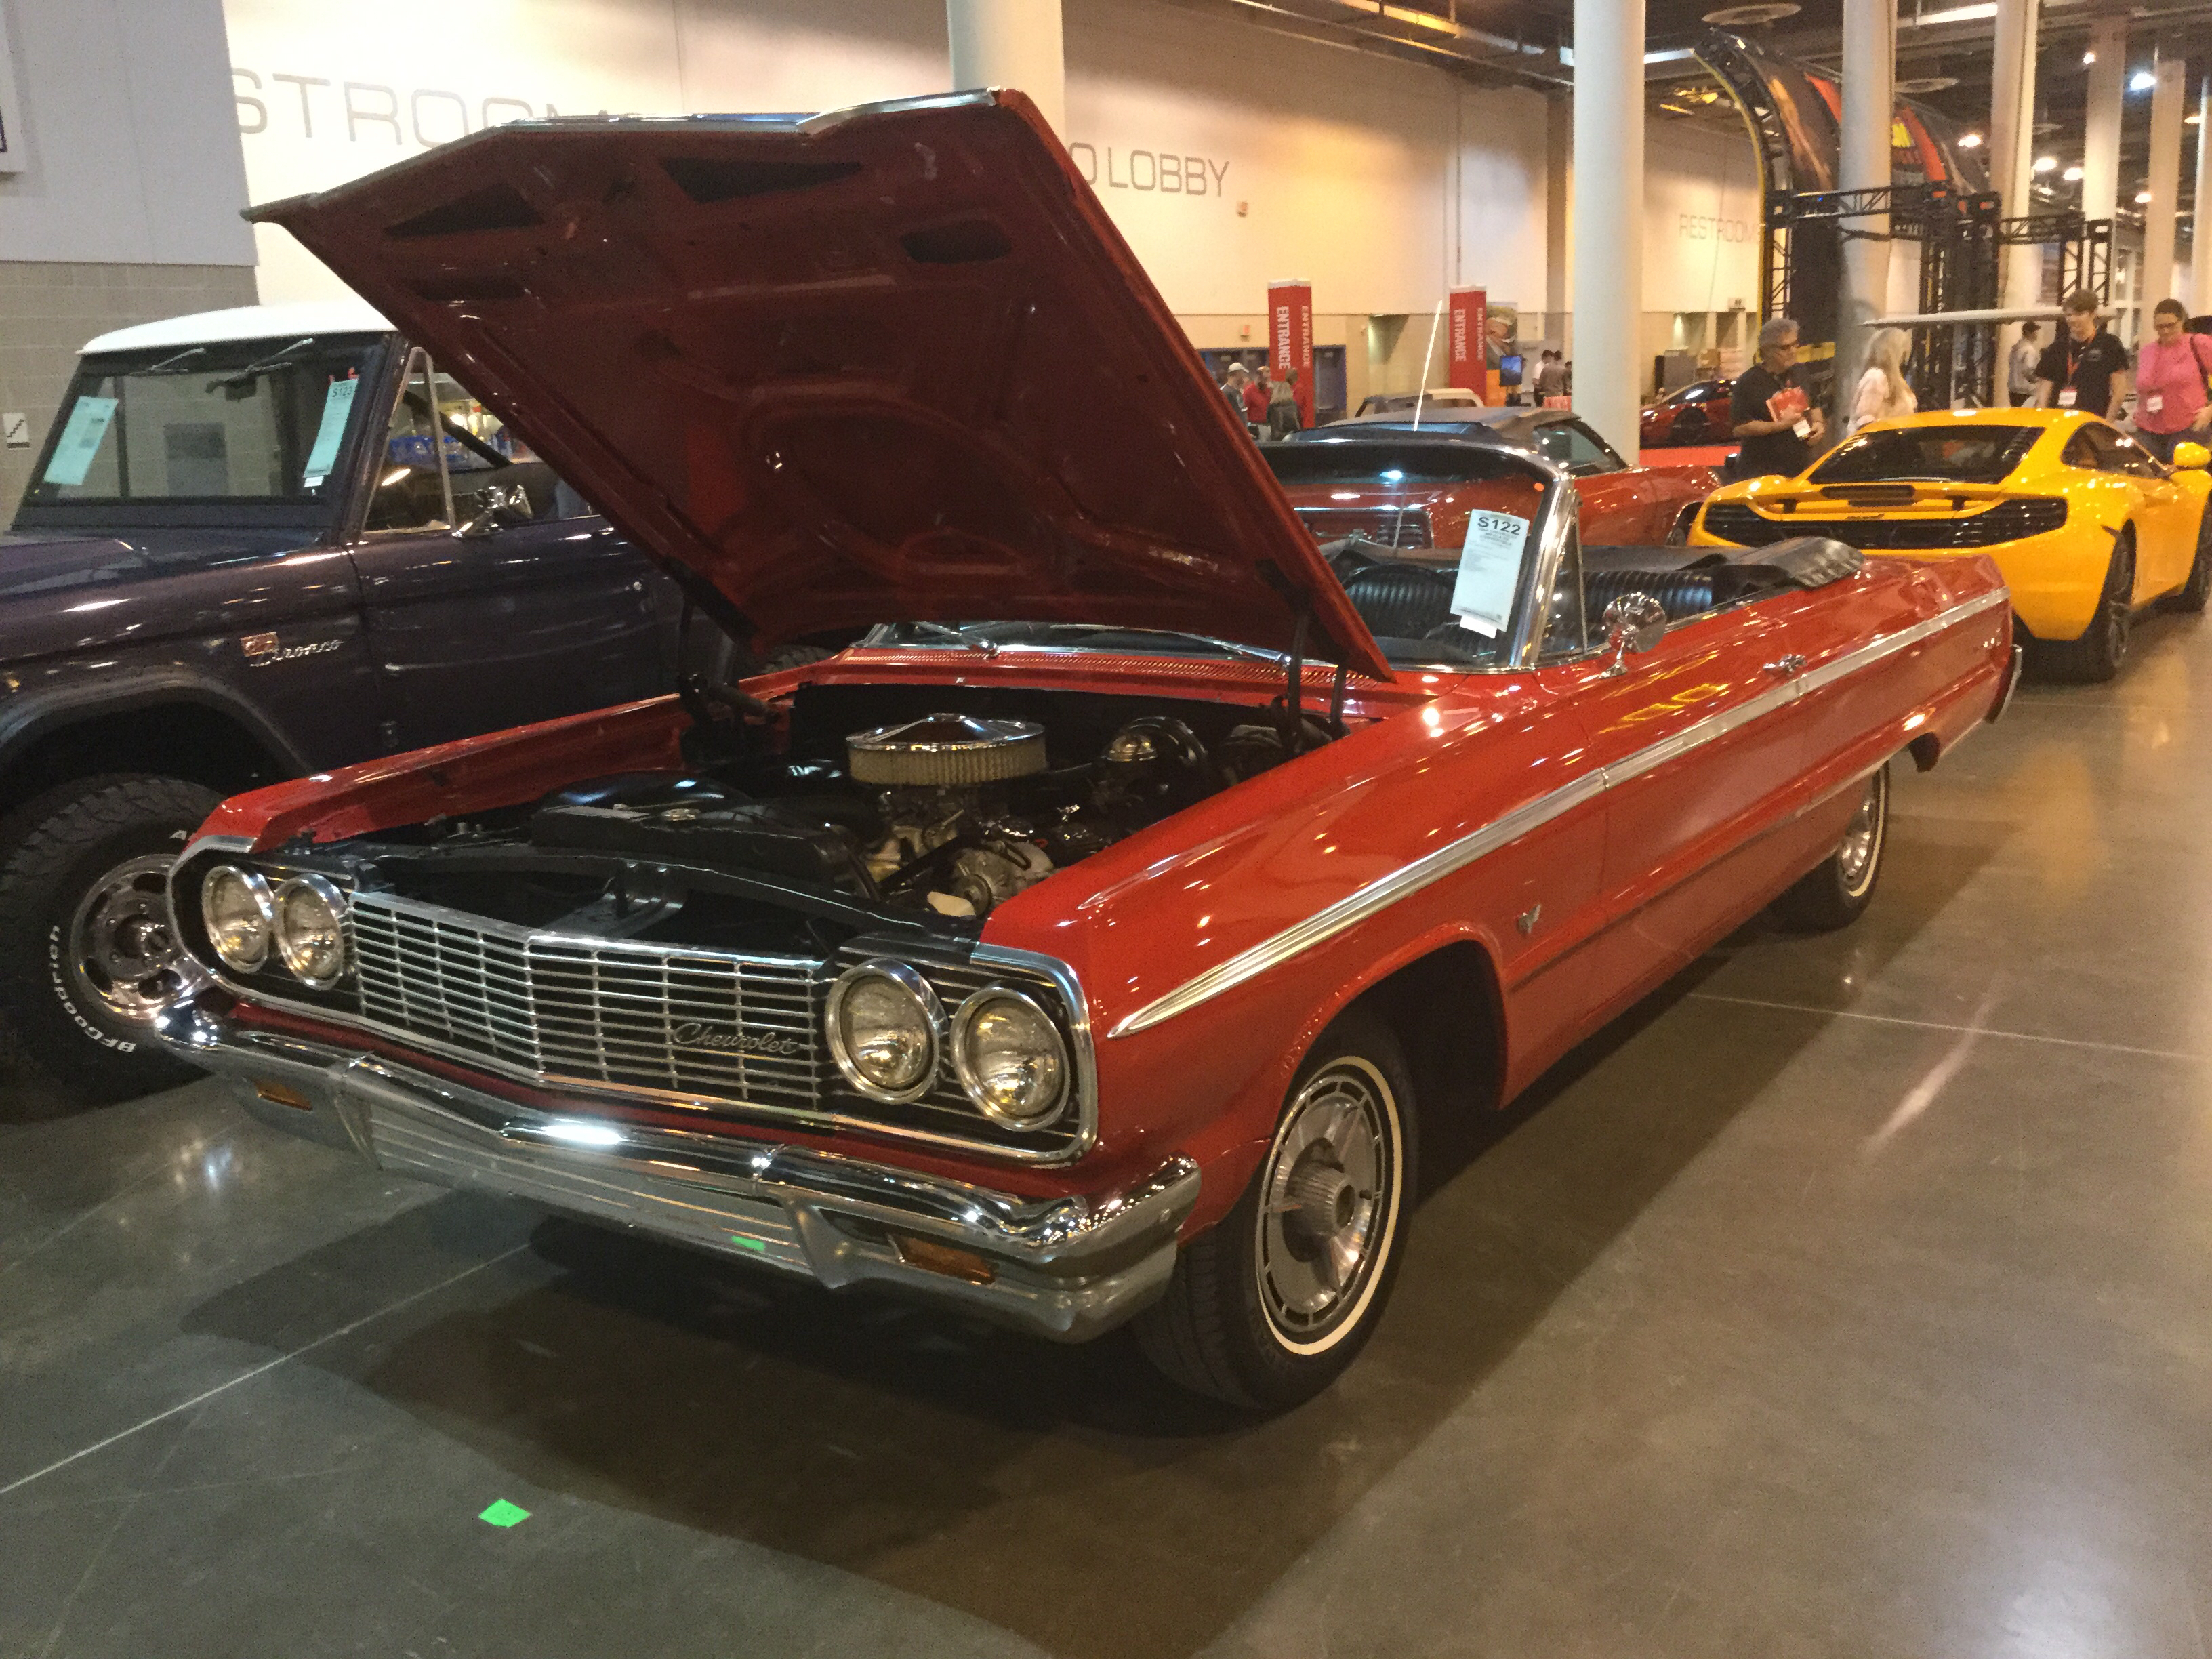 1964 Chevrolet Impala Values Hagerty Valuation Tool